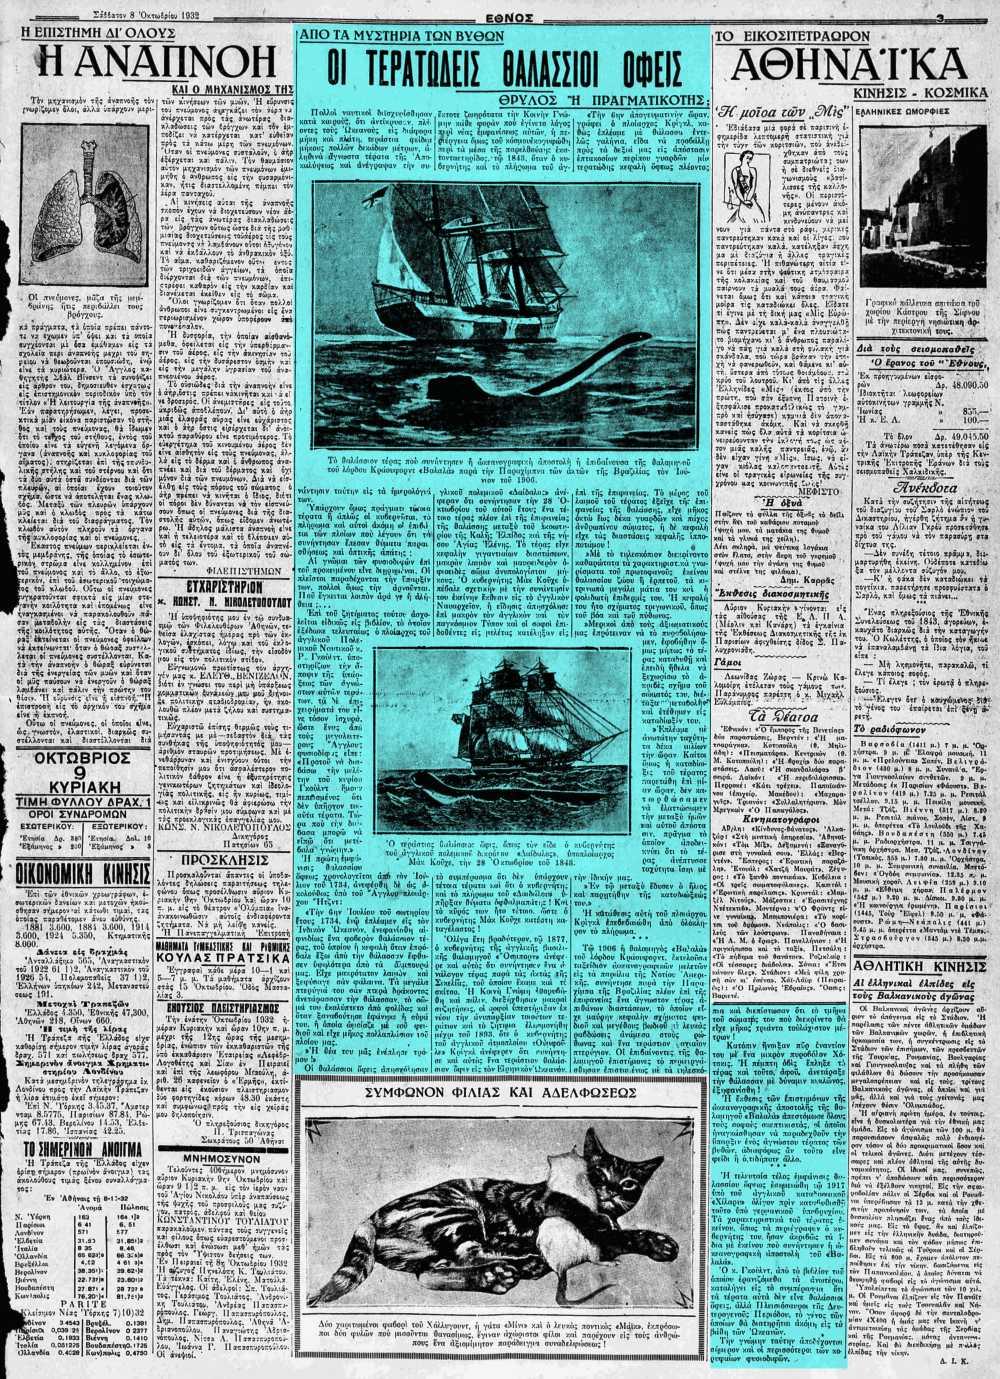 """Το άρθρο, όπως δημοσιεύθηκε στην εφημερίδα """"ΕΘΝΟΣ"""", στις 08/10/1932"""